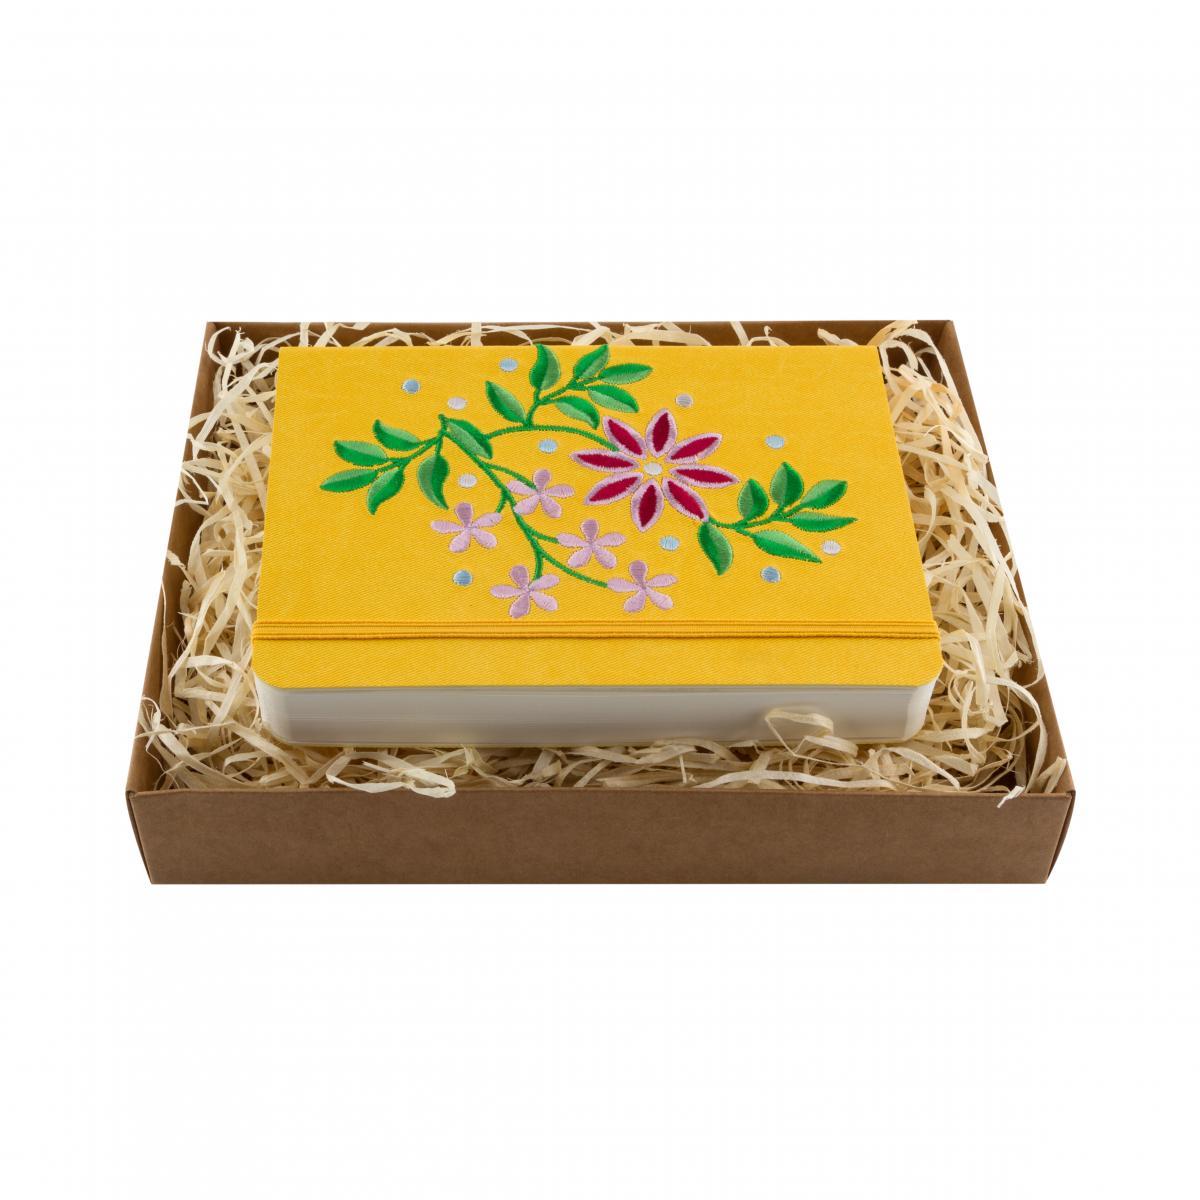 Блокнот с эко-кожи с вышивкой Тернопольщина, желтый. Фото №1. | Народный дом Украина